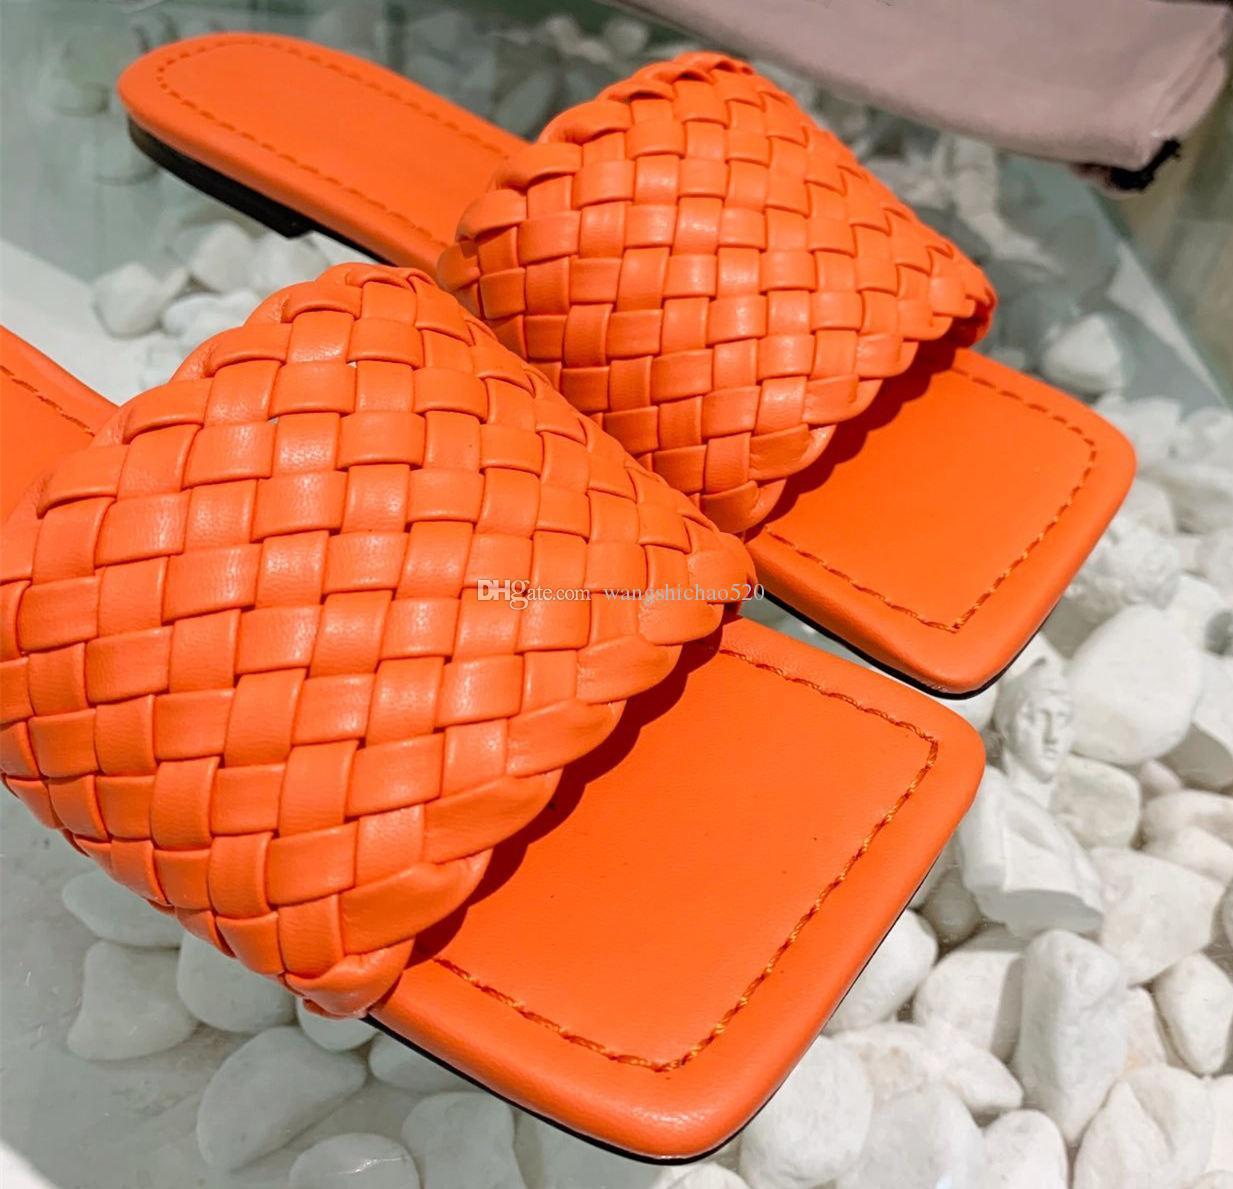 2019 hommes de concepteur de luxe de haute qualité et des femmes tête carrée sandales en caoutchouc d'été pantoufles vêtements de mode de glissement de plage chaussures d'intérieur de taille 35-42 w